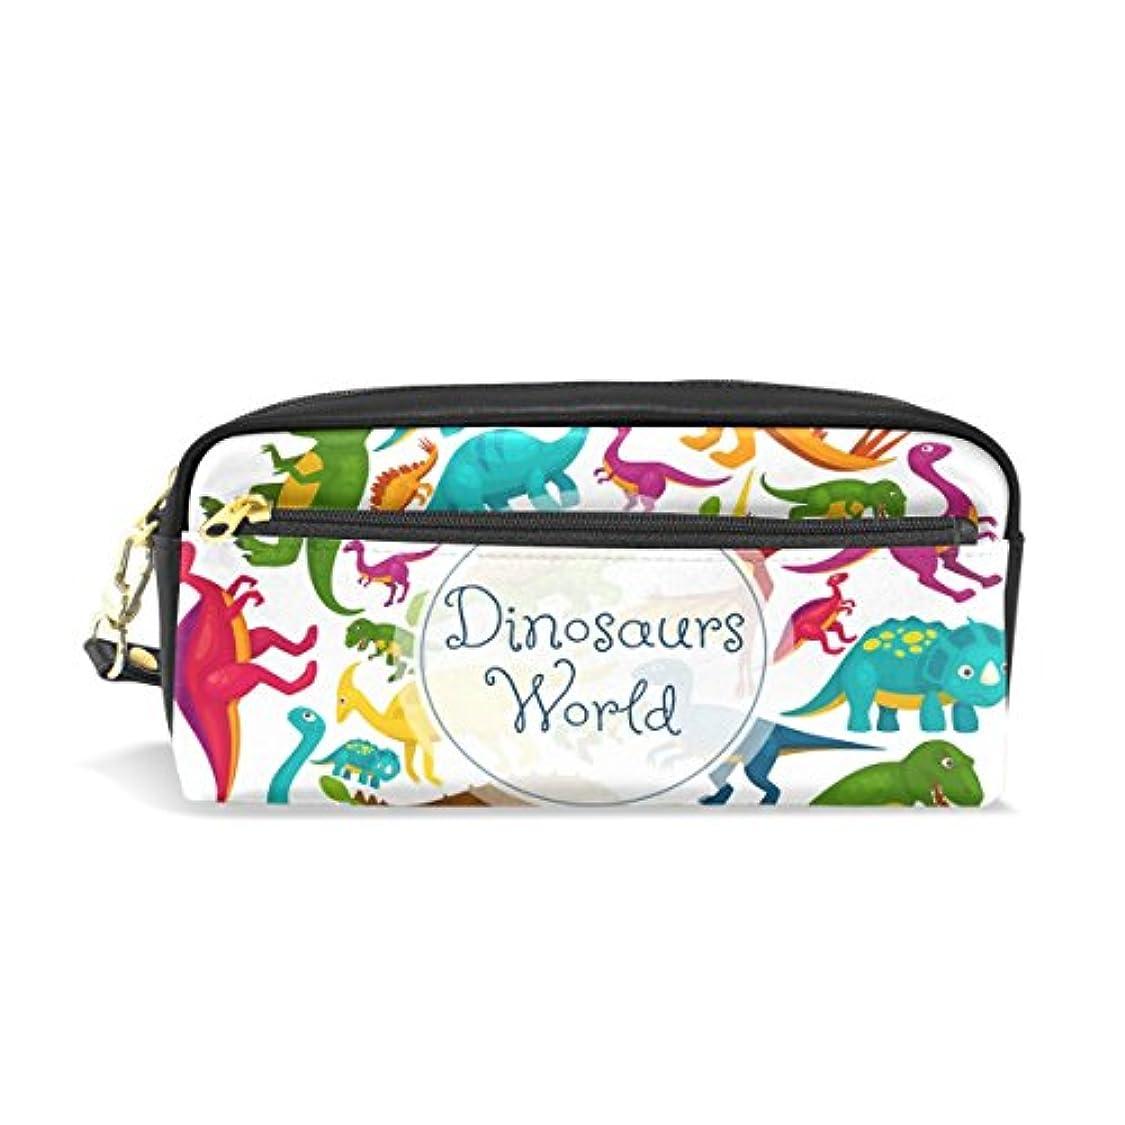 抹消申込み住人ALAZA 恐竜 世界 鉛筆 ケース ジッパー Pu 革製 ペン バッグ 化粧品 化粧 バッグ ペン 文房具 ポーチ バッグ 大容量